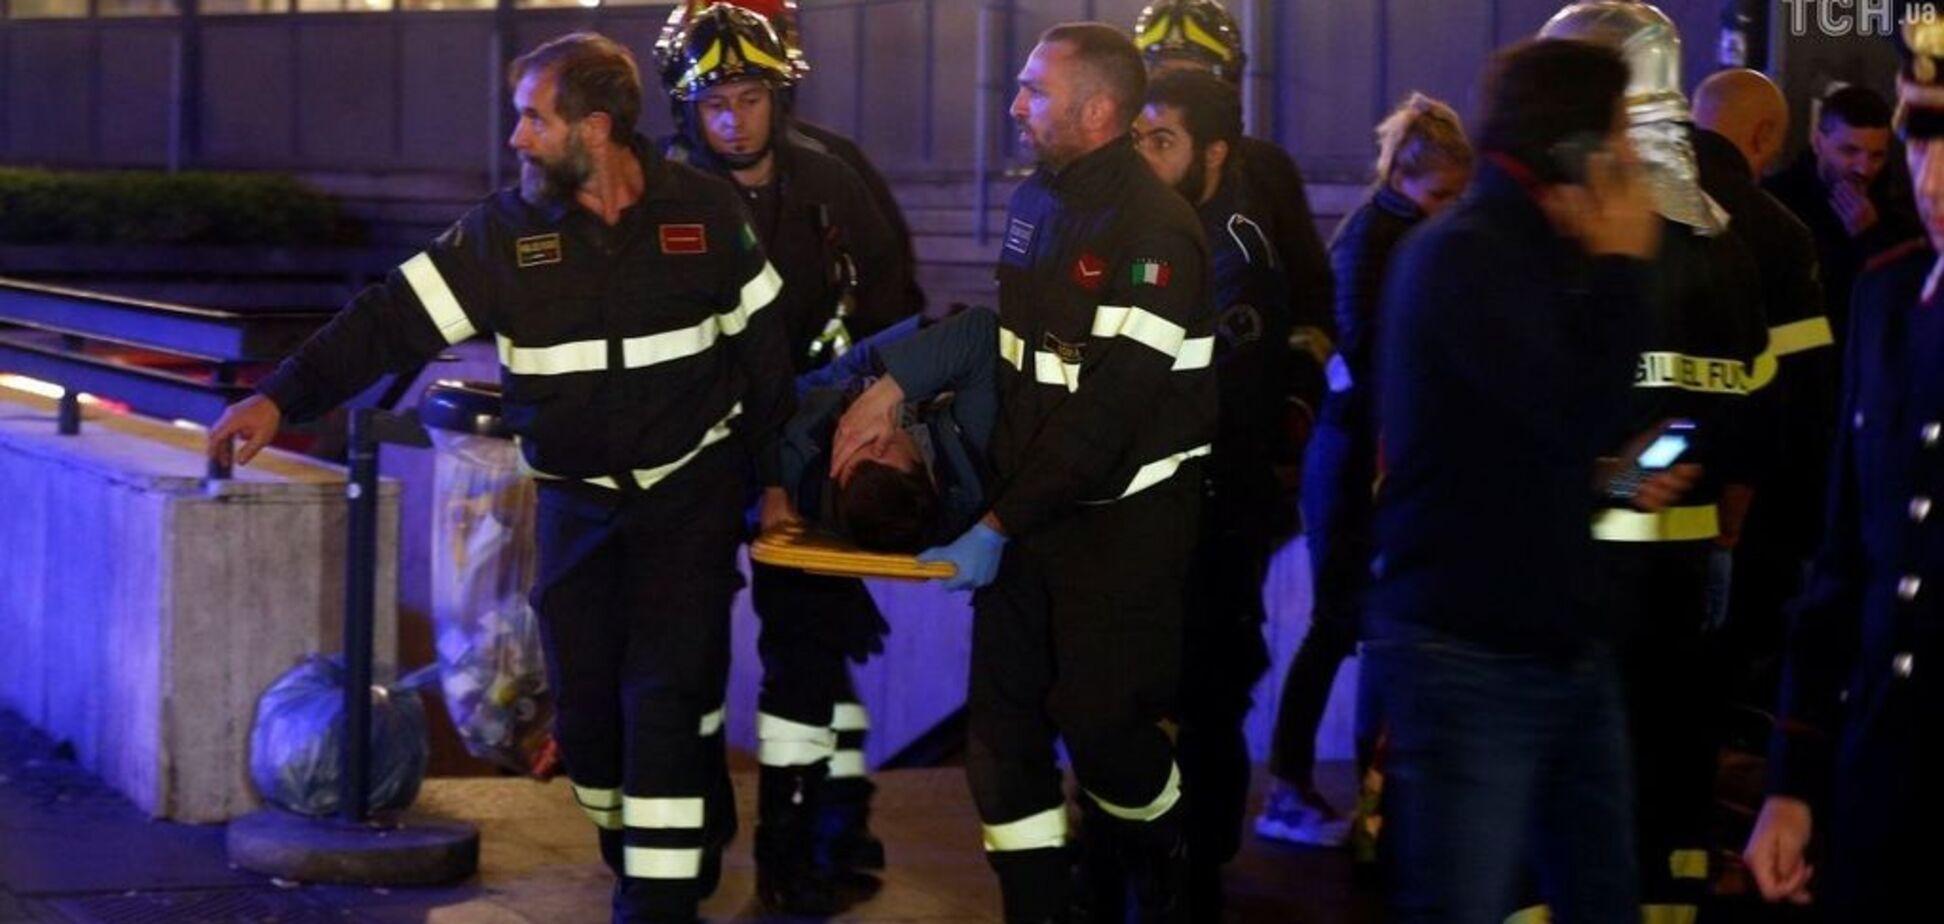 Кровавое месиво в Риме: появилось шокирующее видео от первого лица